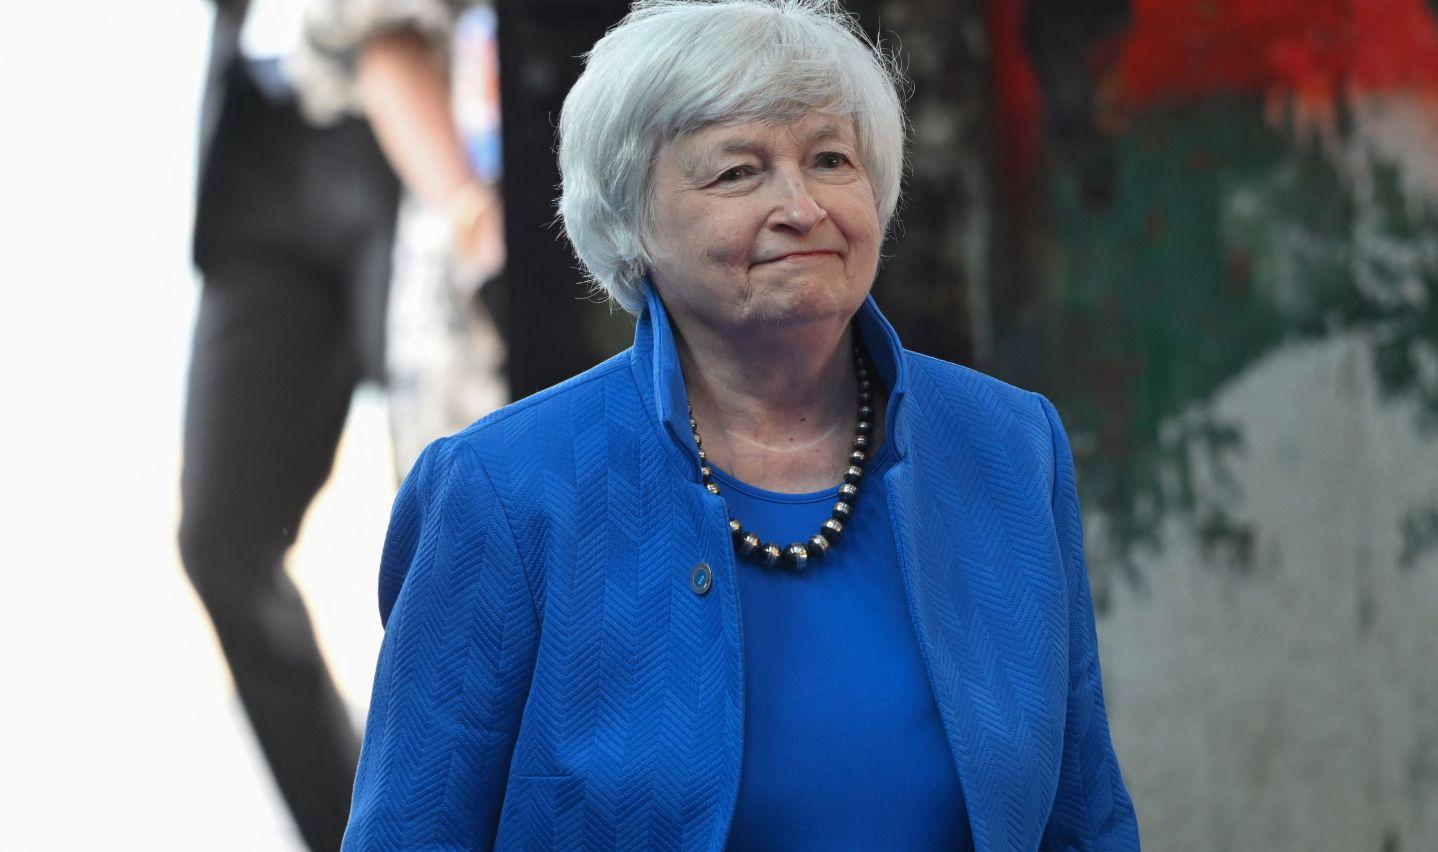 La secrétaire américaine au Trésor alerte sur le risque d'une crise financière aux Etats-Unis